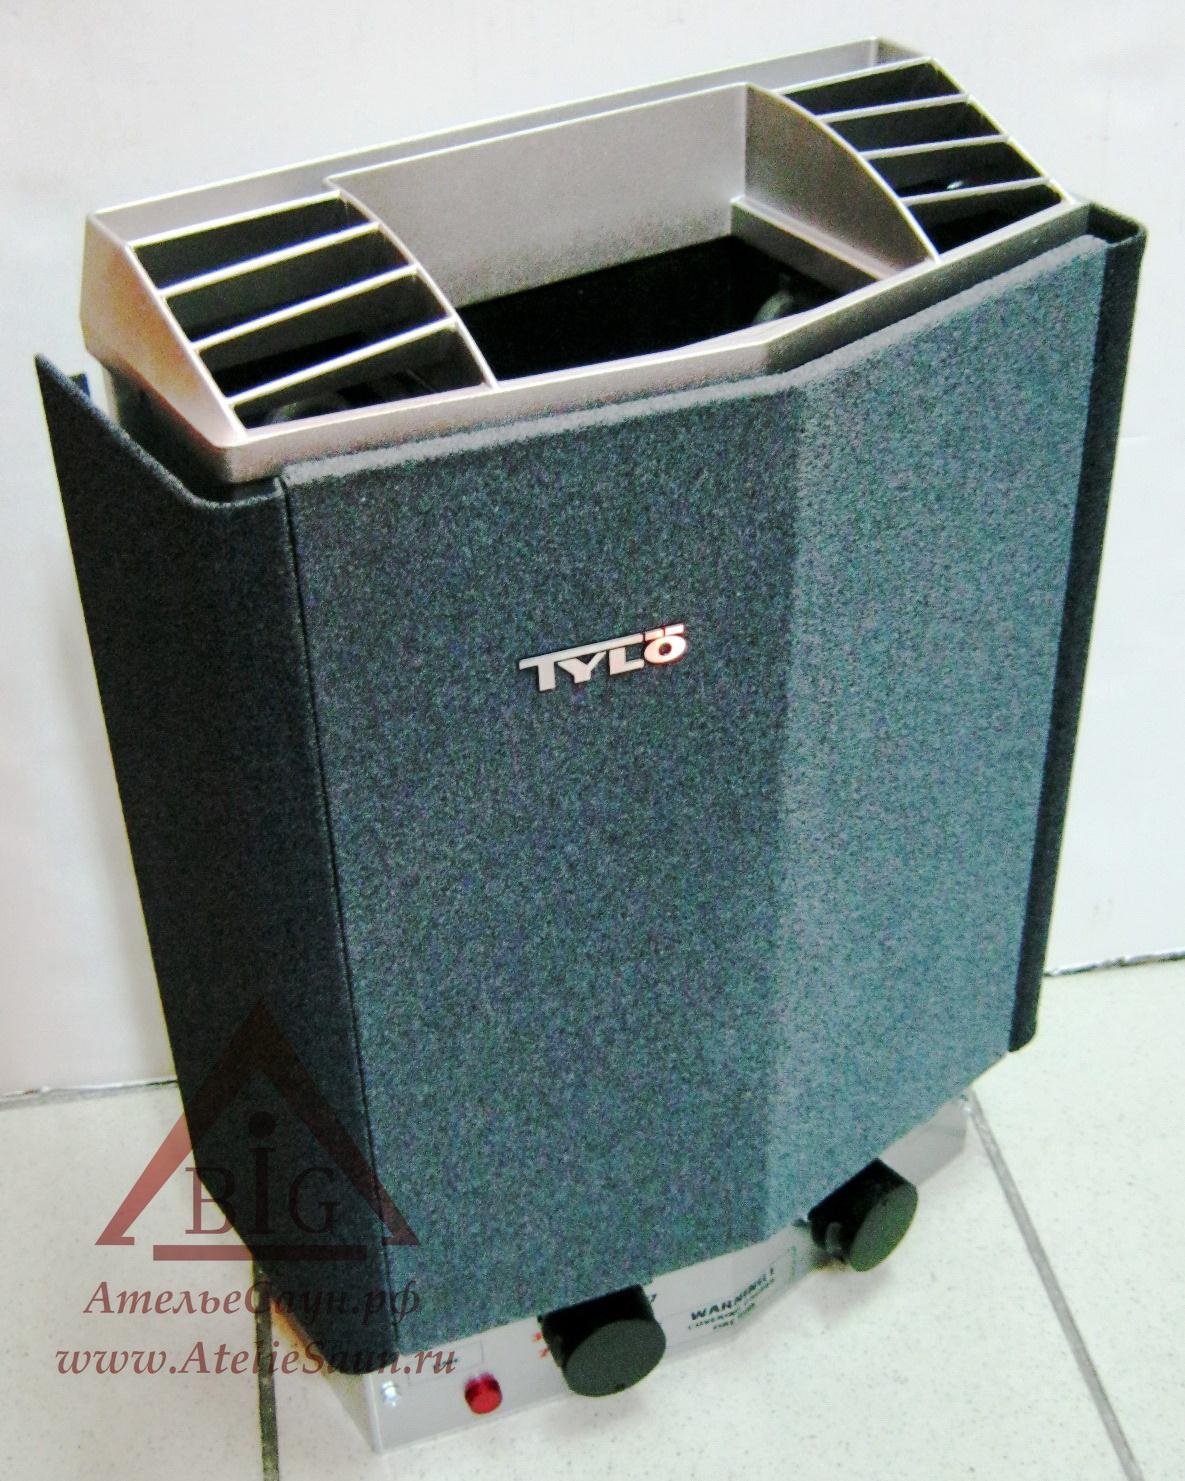 Печь для сауны Tylo Compact 2/4 (со встроенным пультом, арт. 62202000)